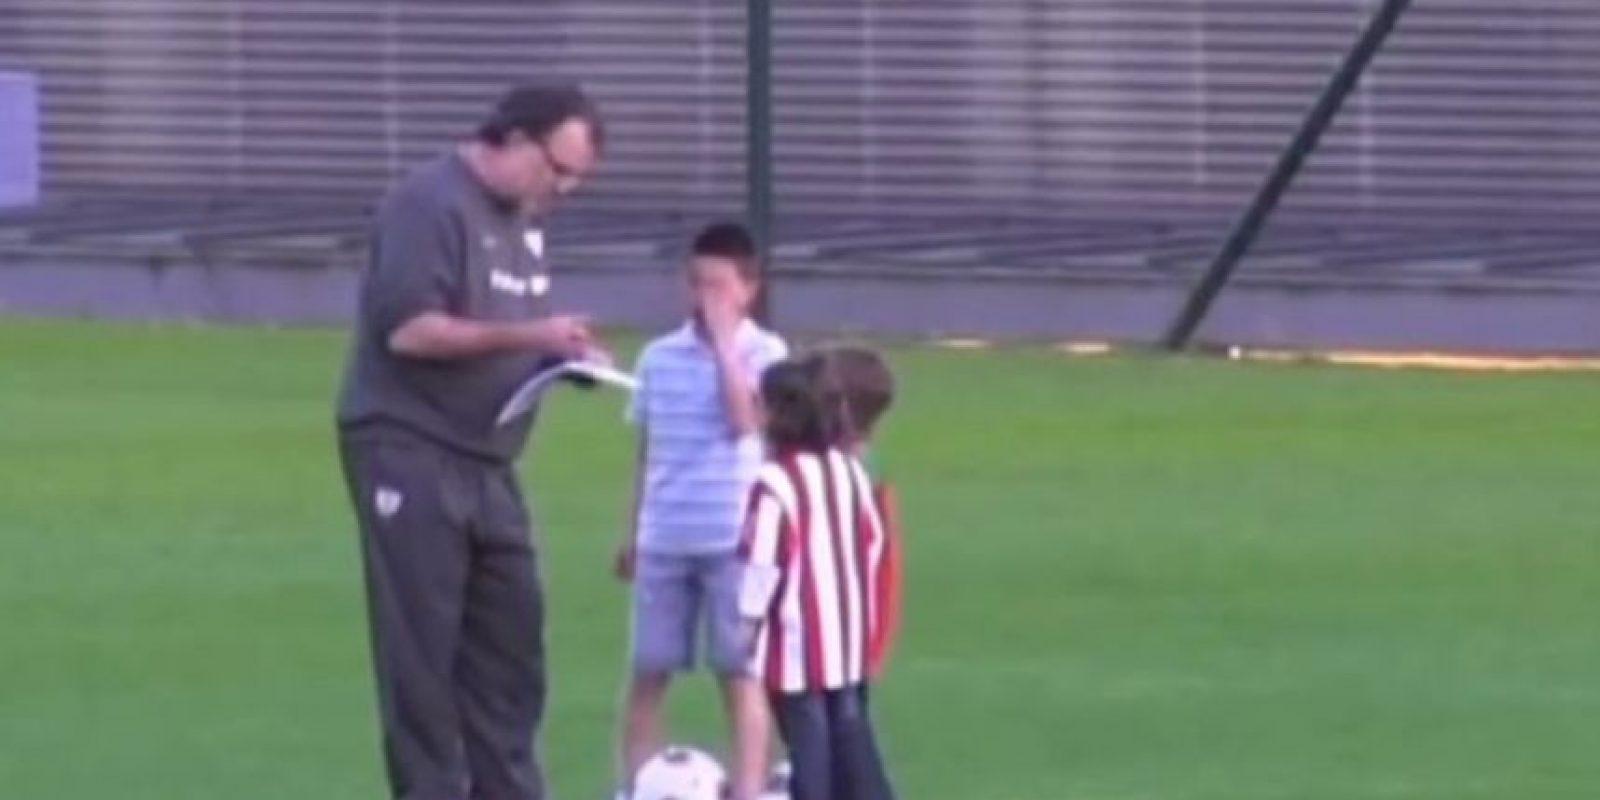 Marcelo Bielsa es considerado como el abuelo de los niños. Por ejemplo, en 2012 tuvo ayudantes de lujo durante un entrenamiento del Atlethic de Bilbao. Foto:YouTube